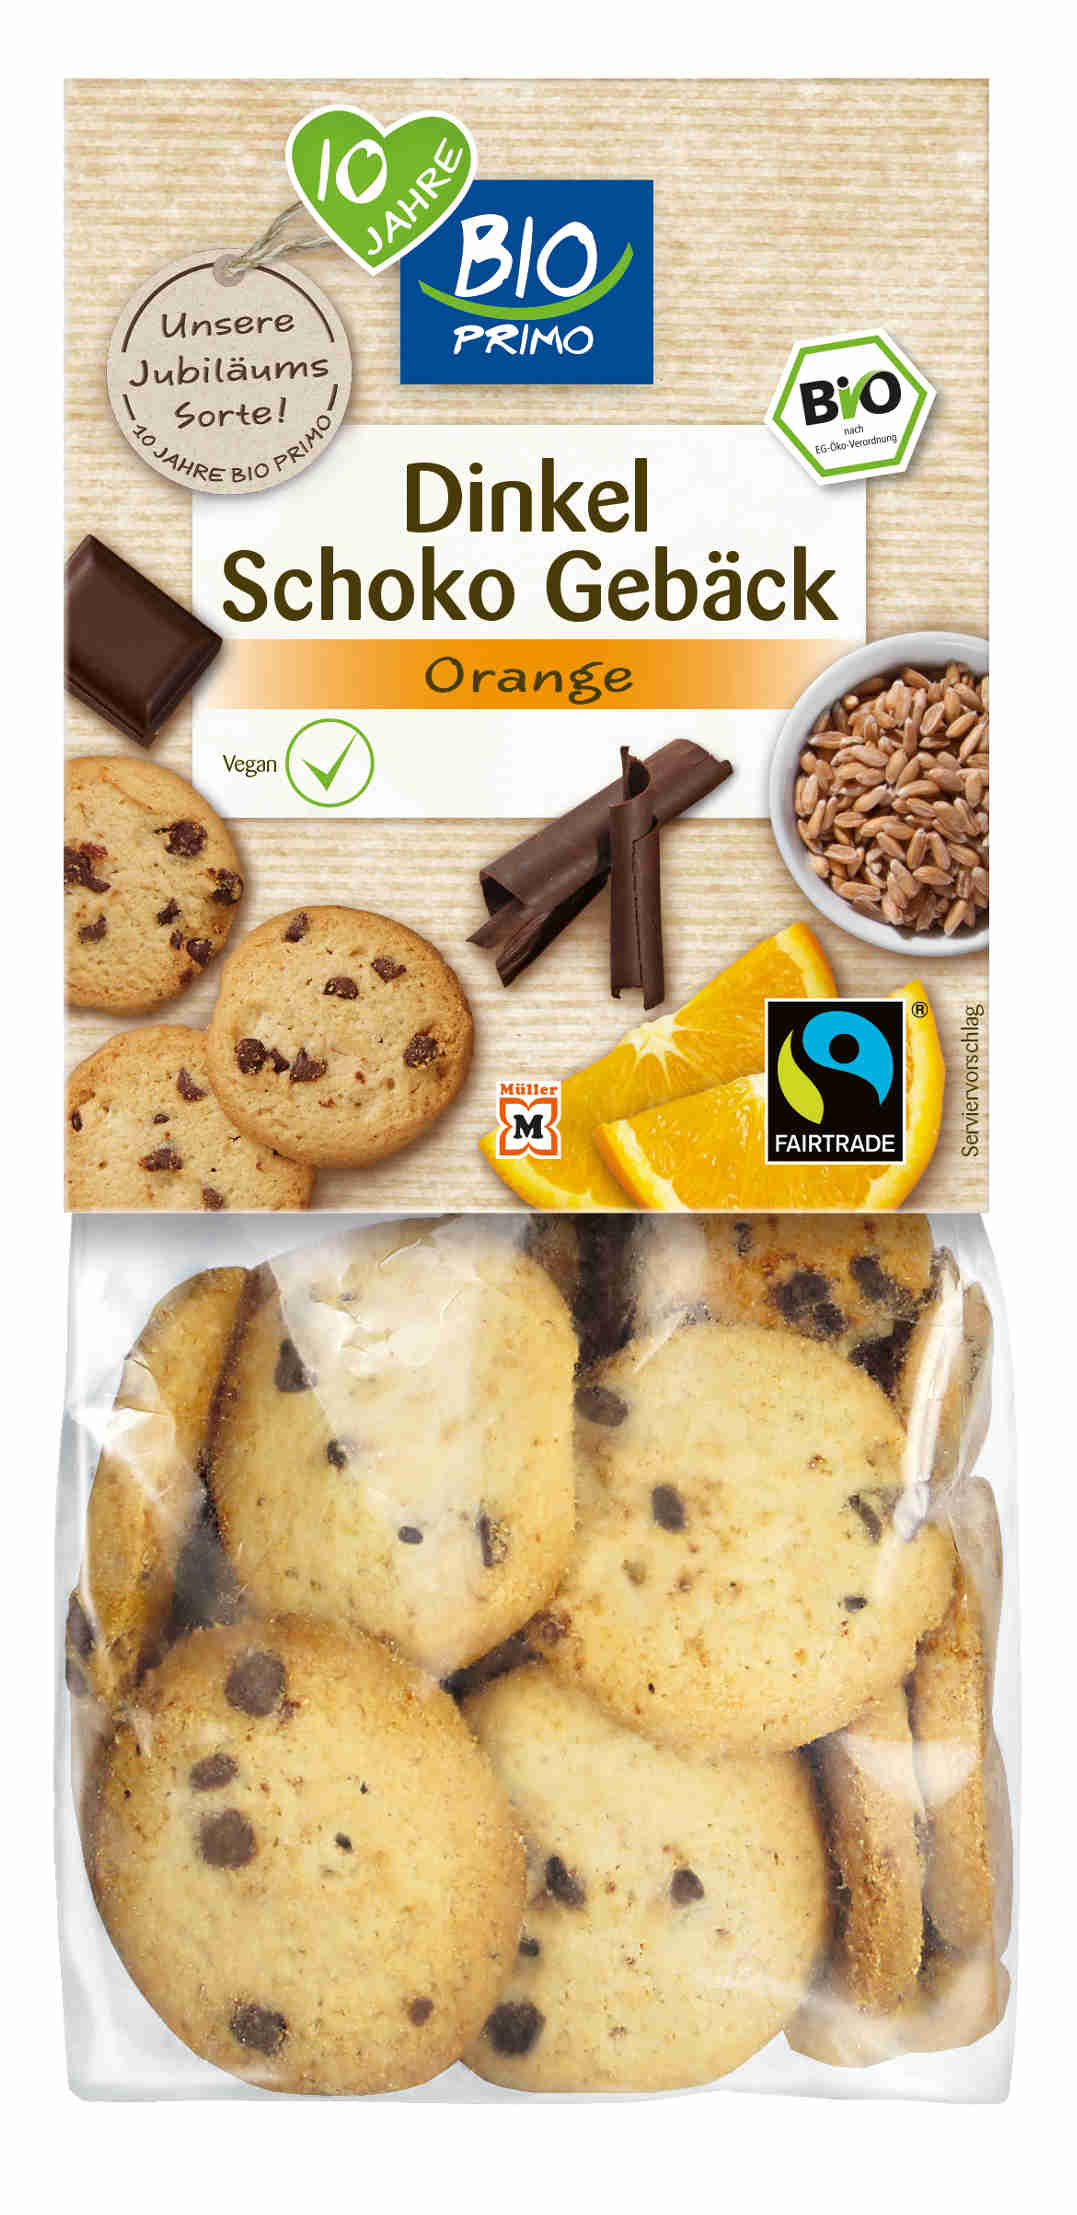 Dinkel Schoko Gebäck mit Orangenöl